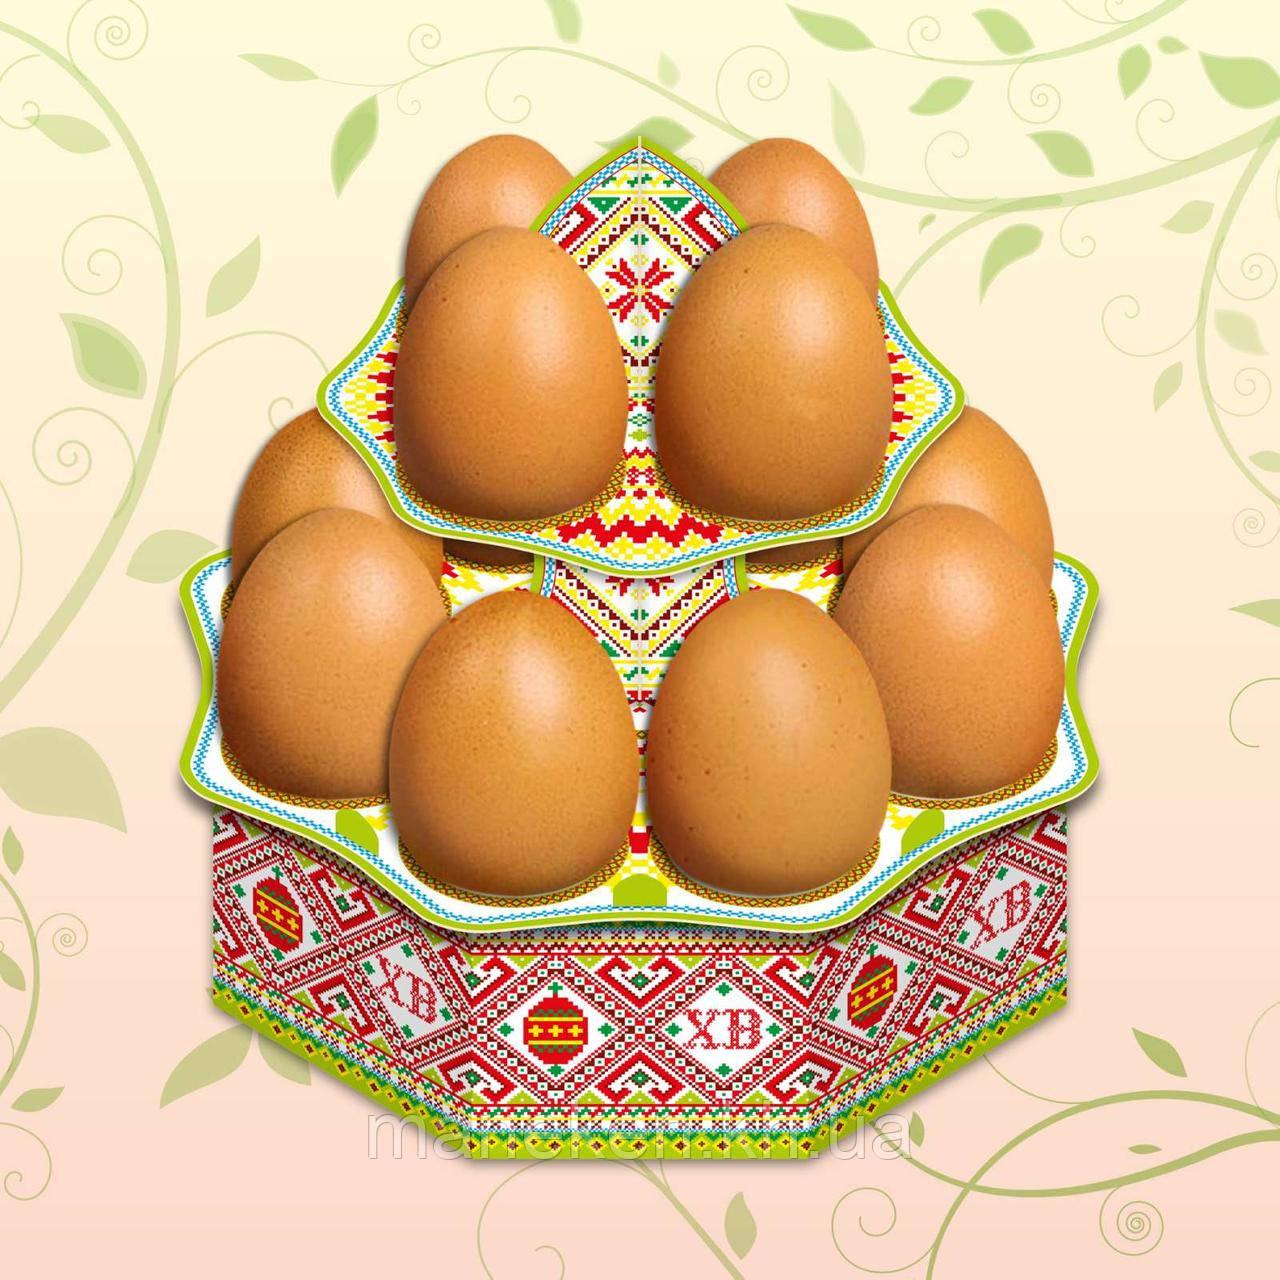 """Декоративна підставка для яєць №12.1 """"Традиційна"""" (12 яєць) висока (1 шт)"""